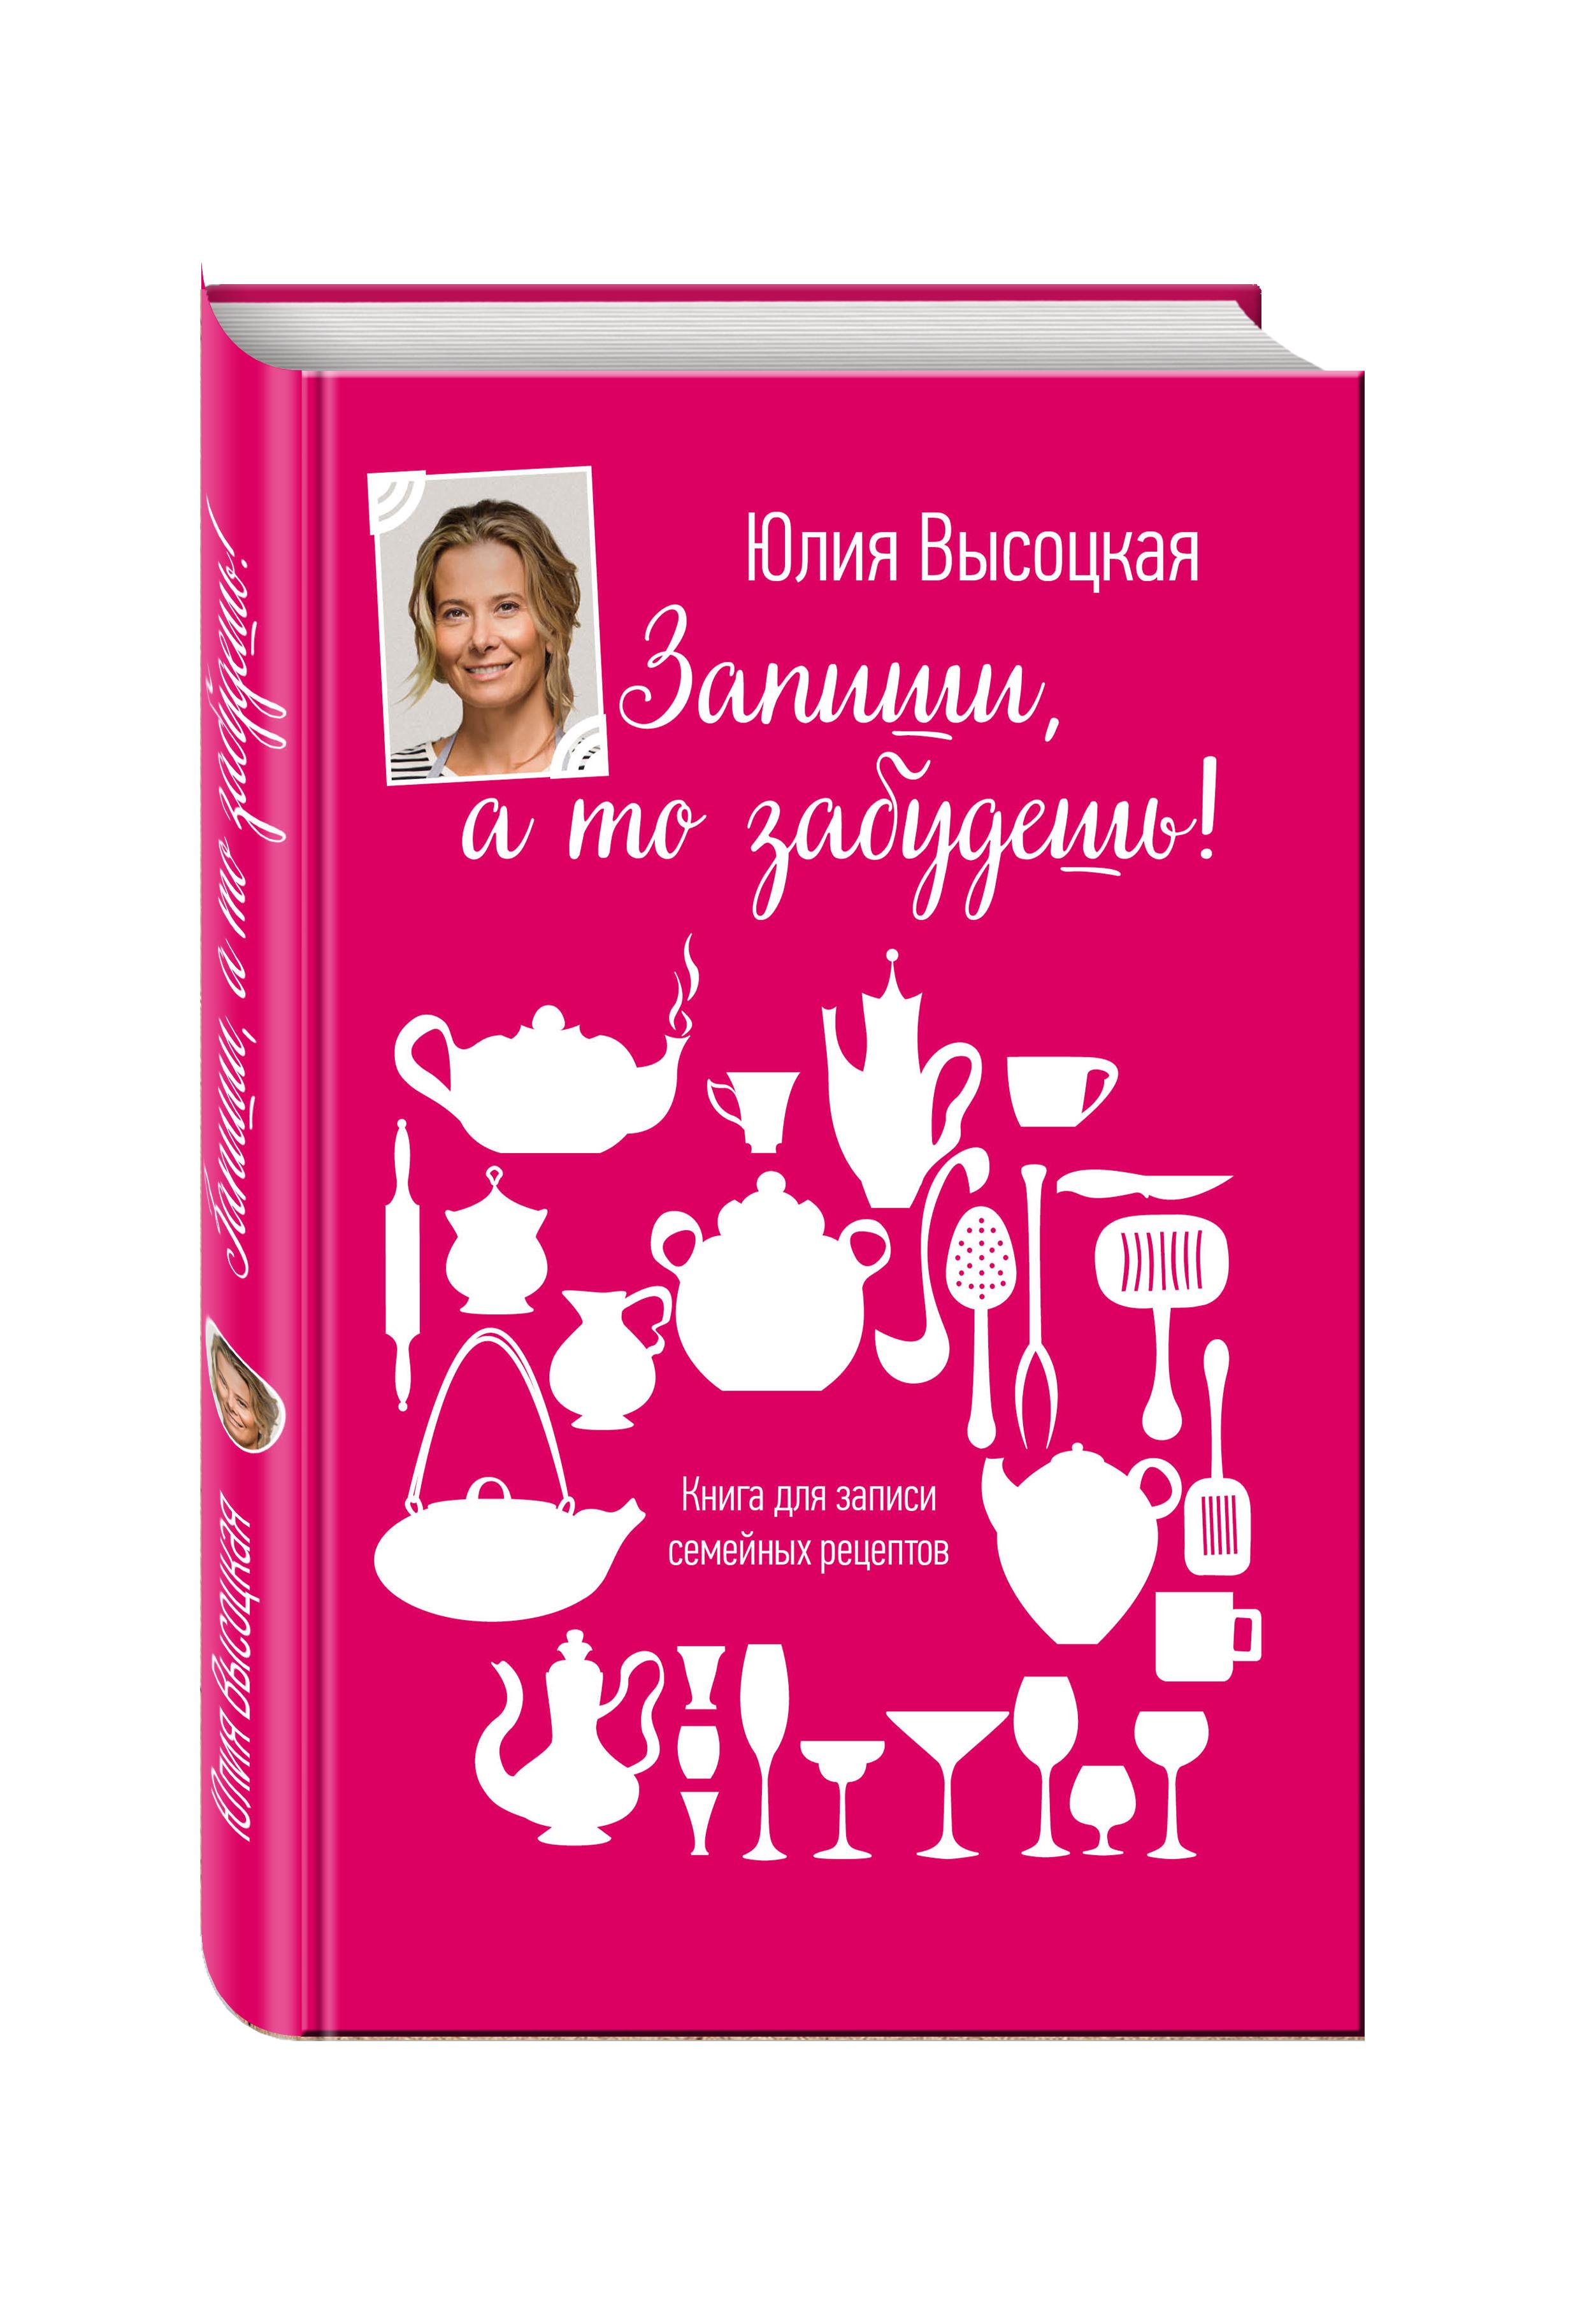 Купить со скидкой Книга для записей рецептов